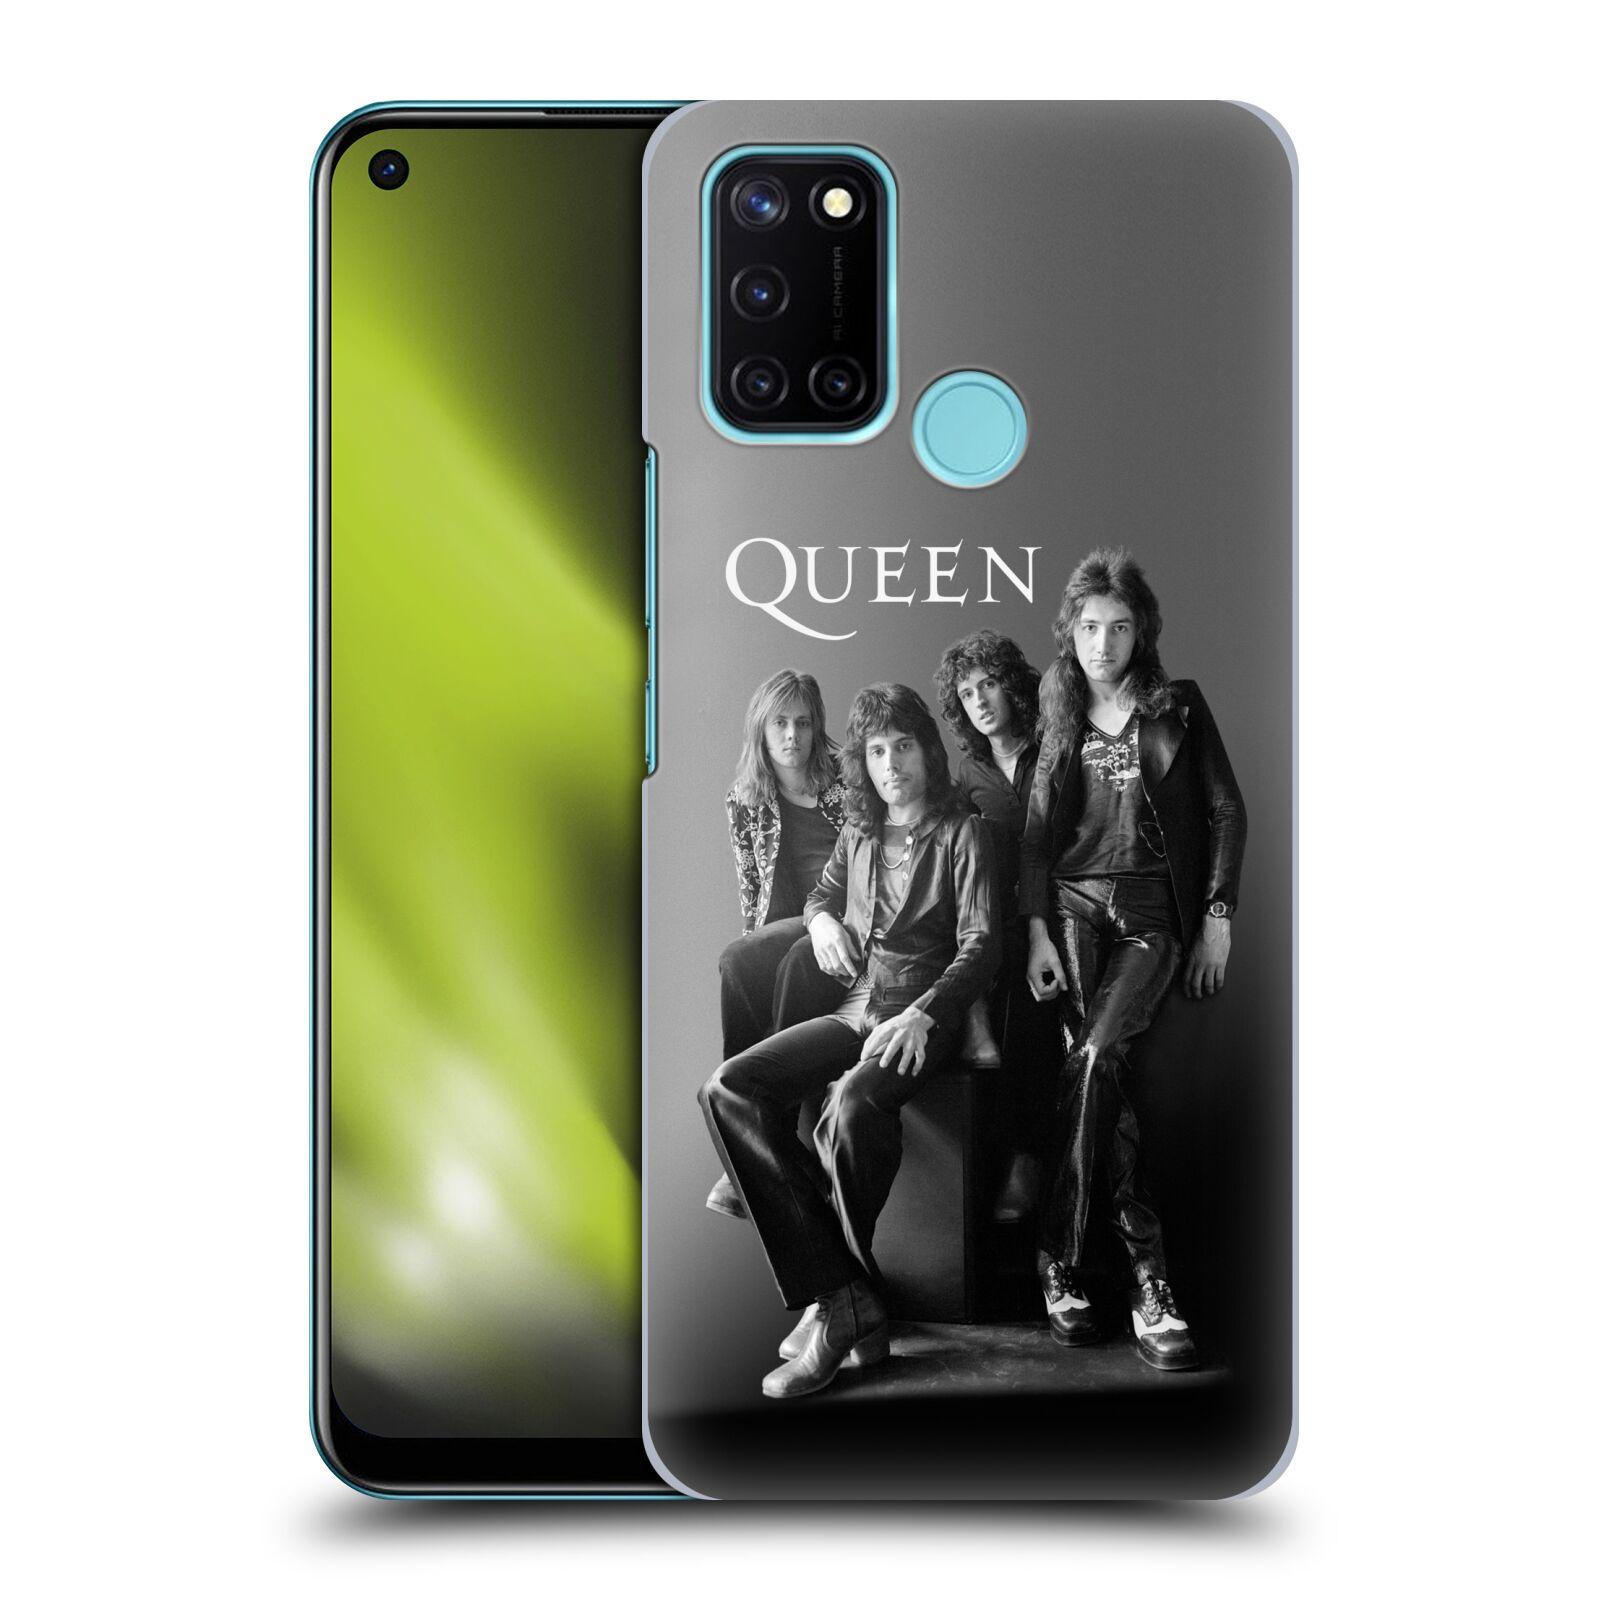 Plastové pouzdro na mobil Realme 7i - Head Case - Queen - Skupina